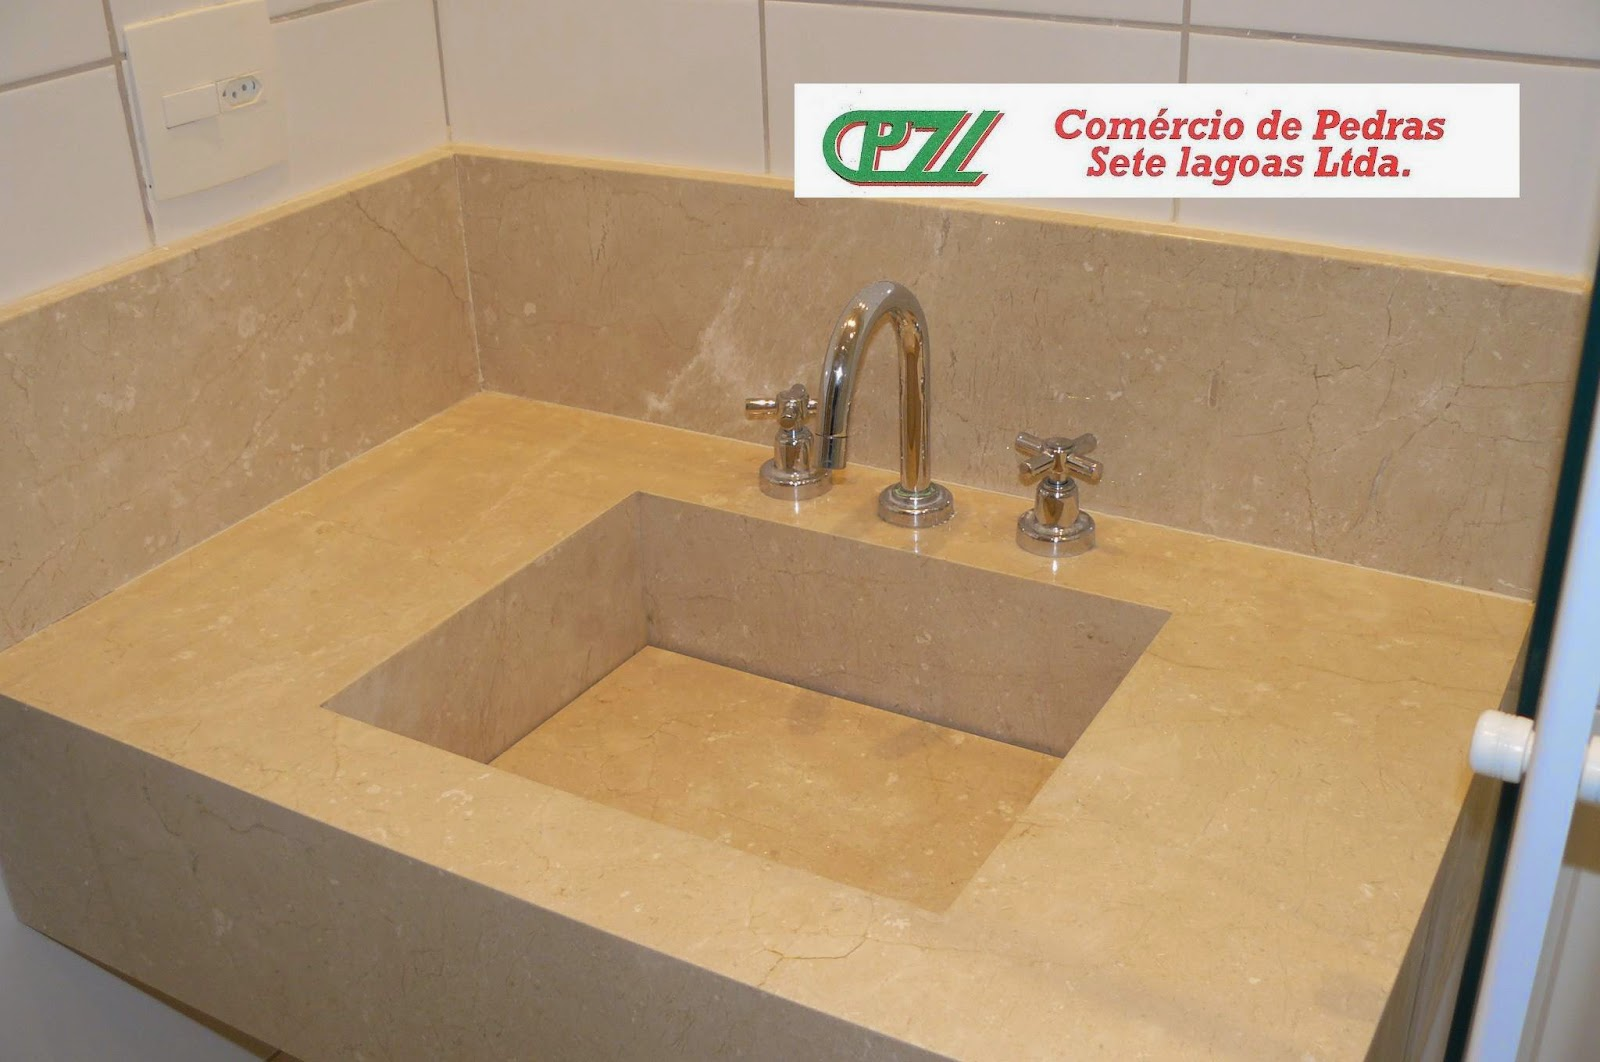 Banheiro Branco Prime  rinkratmagcom banheiros decorados 2017 -> Cuba Banheiro Marmore